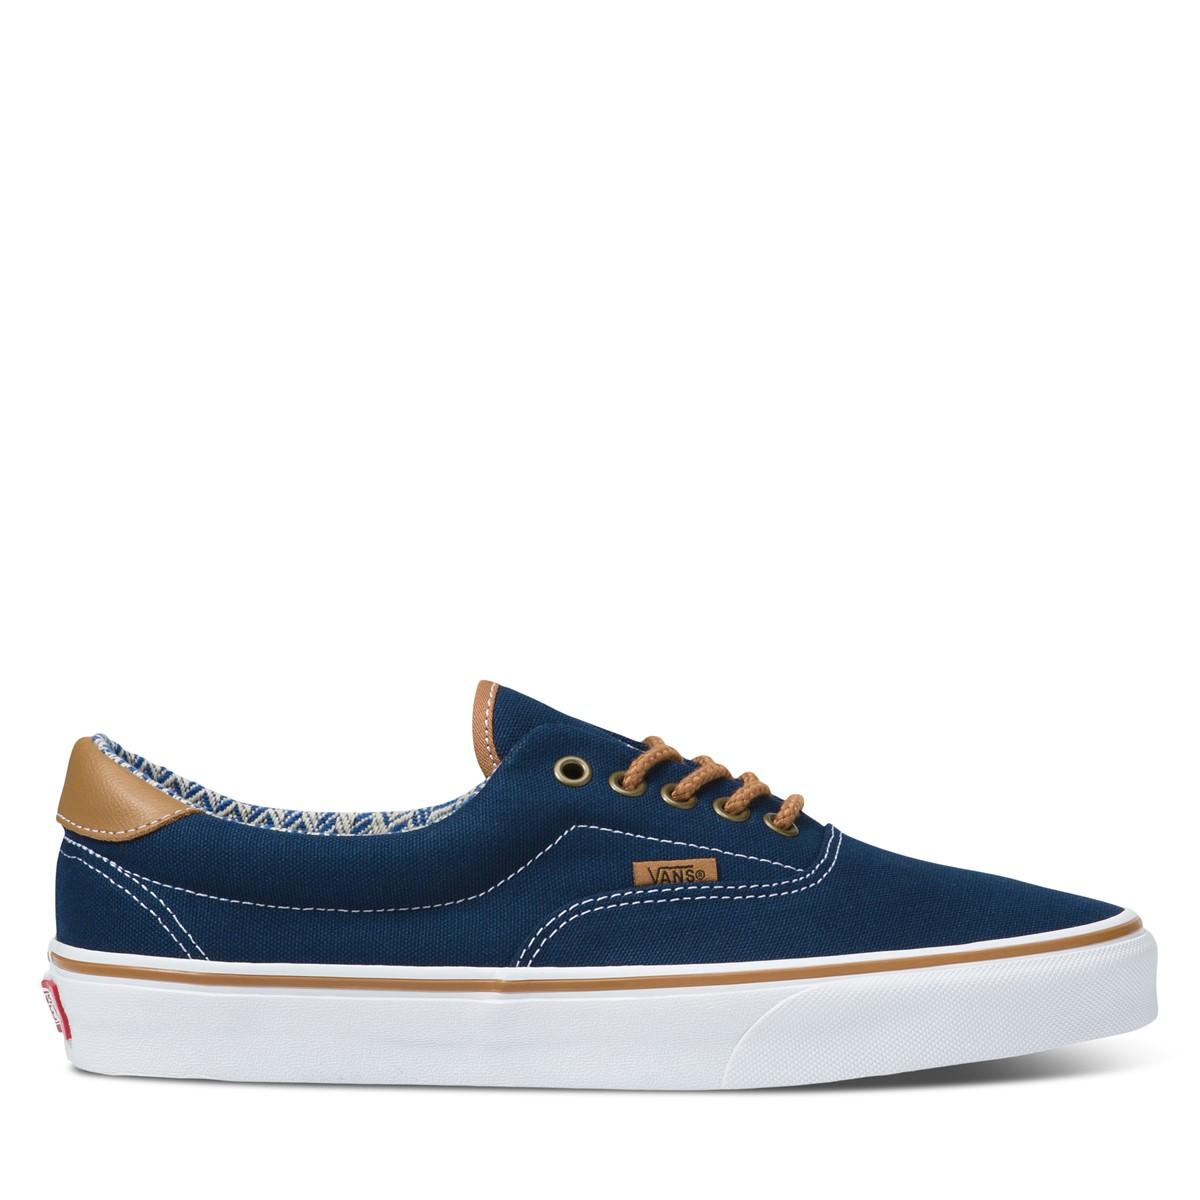 Era 59 Sneakers in Navy/Brown